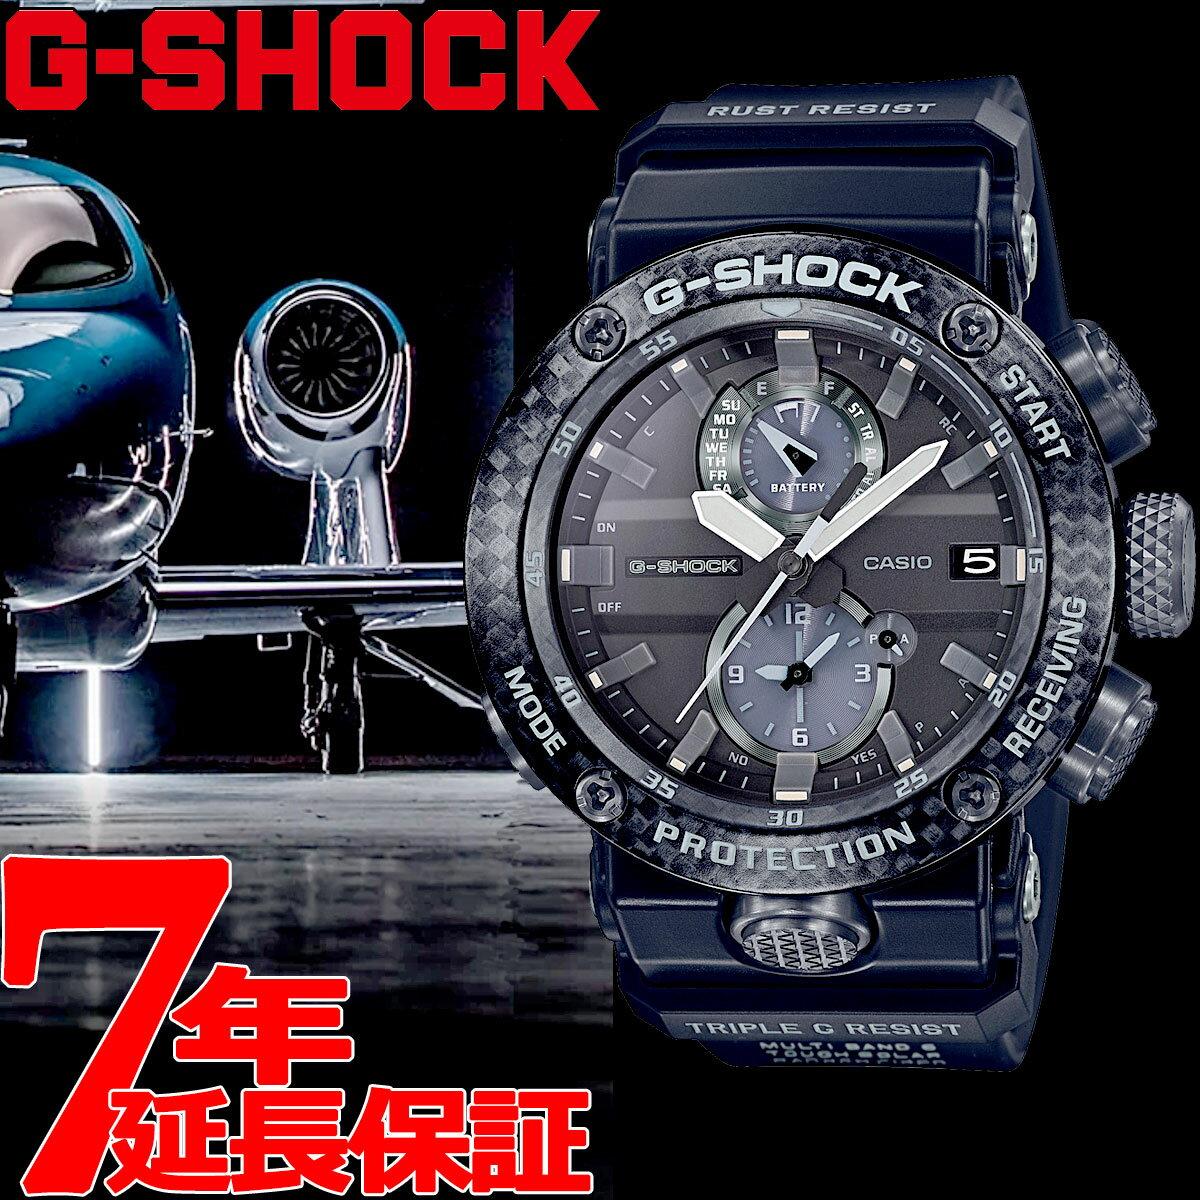 【今だけ!最大2000円OFFクーポン付!さらに店内ポイント最大43倍!】G-SHOCK カシオ Gショック グラビティマスター CASIO 電波 ソーラー 腕時計 メンズ GWR-B1000-1AJF【2019 新作】